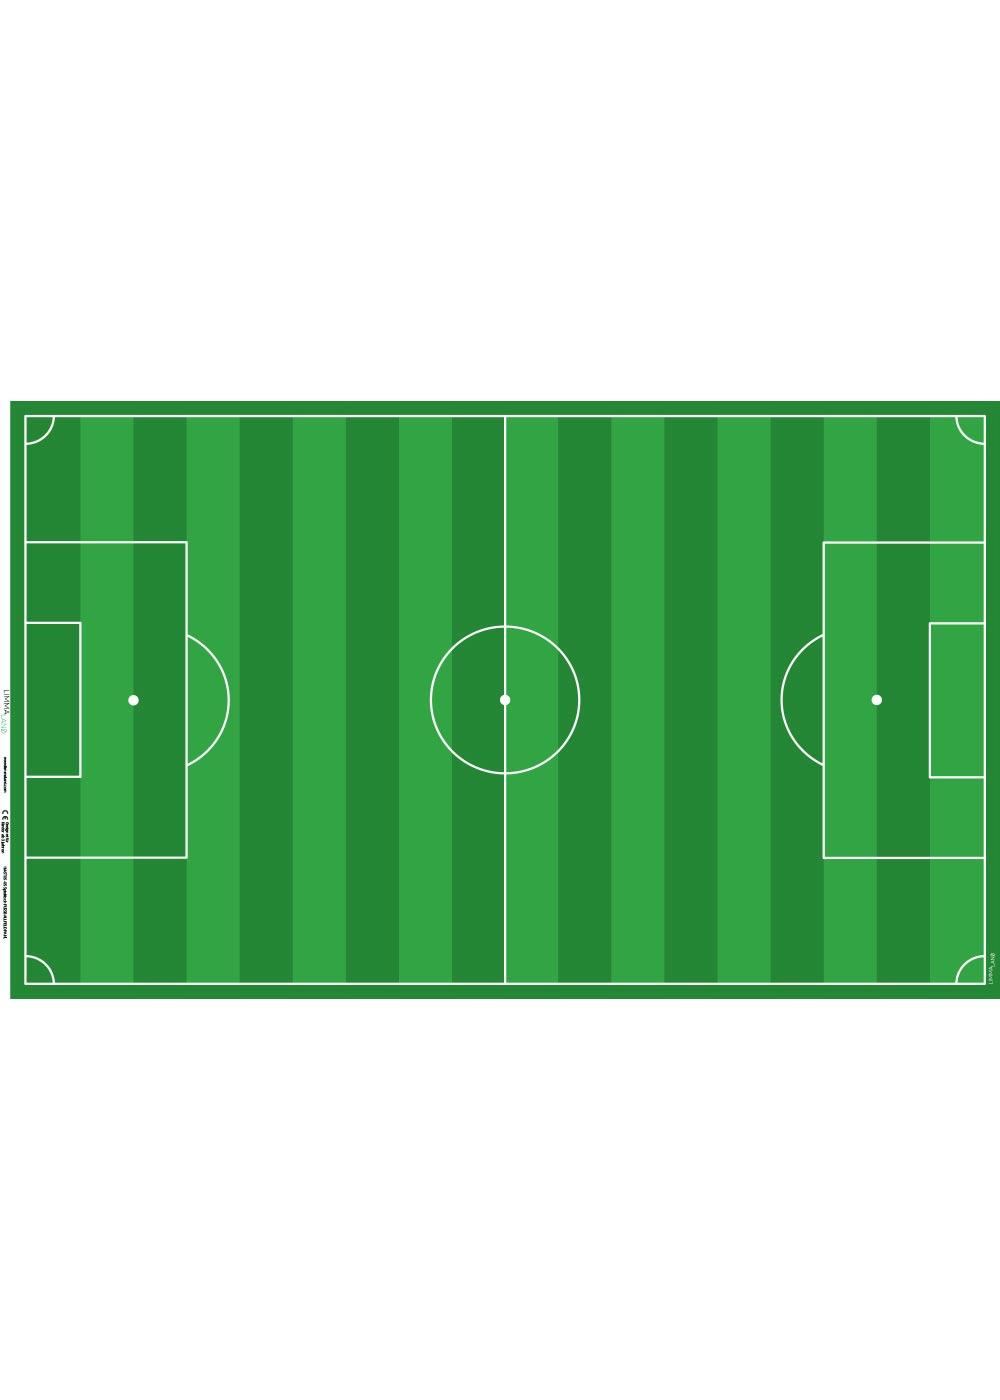 Ikea Pahl Kinderschreibtisch Fussballfeld grün Druckvorlage